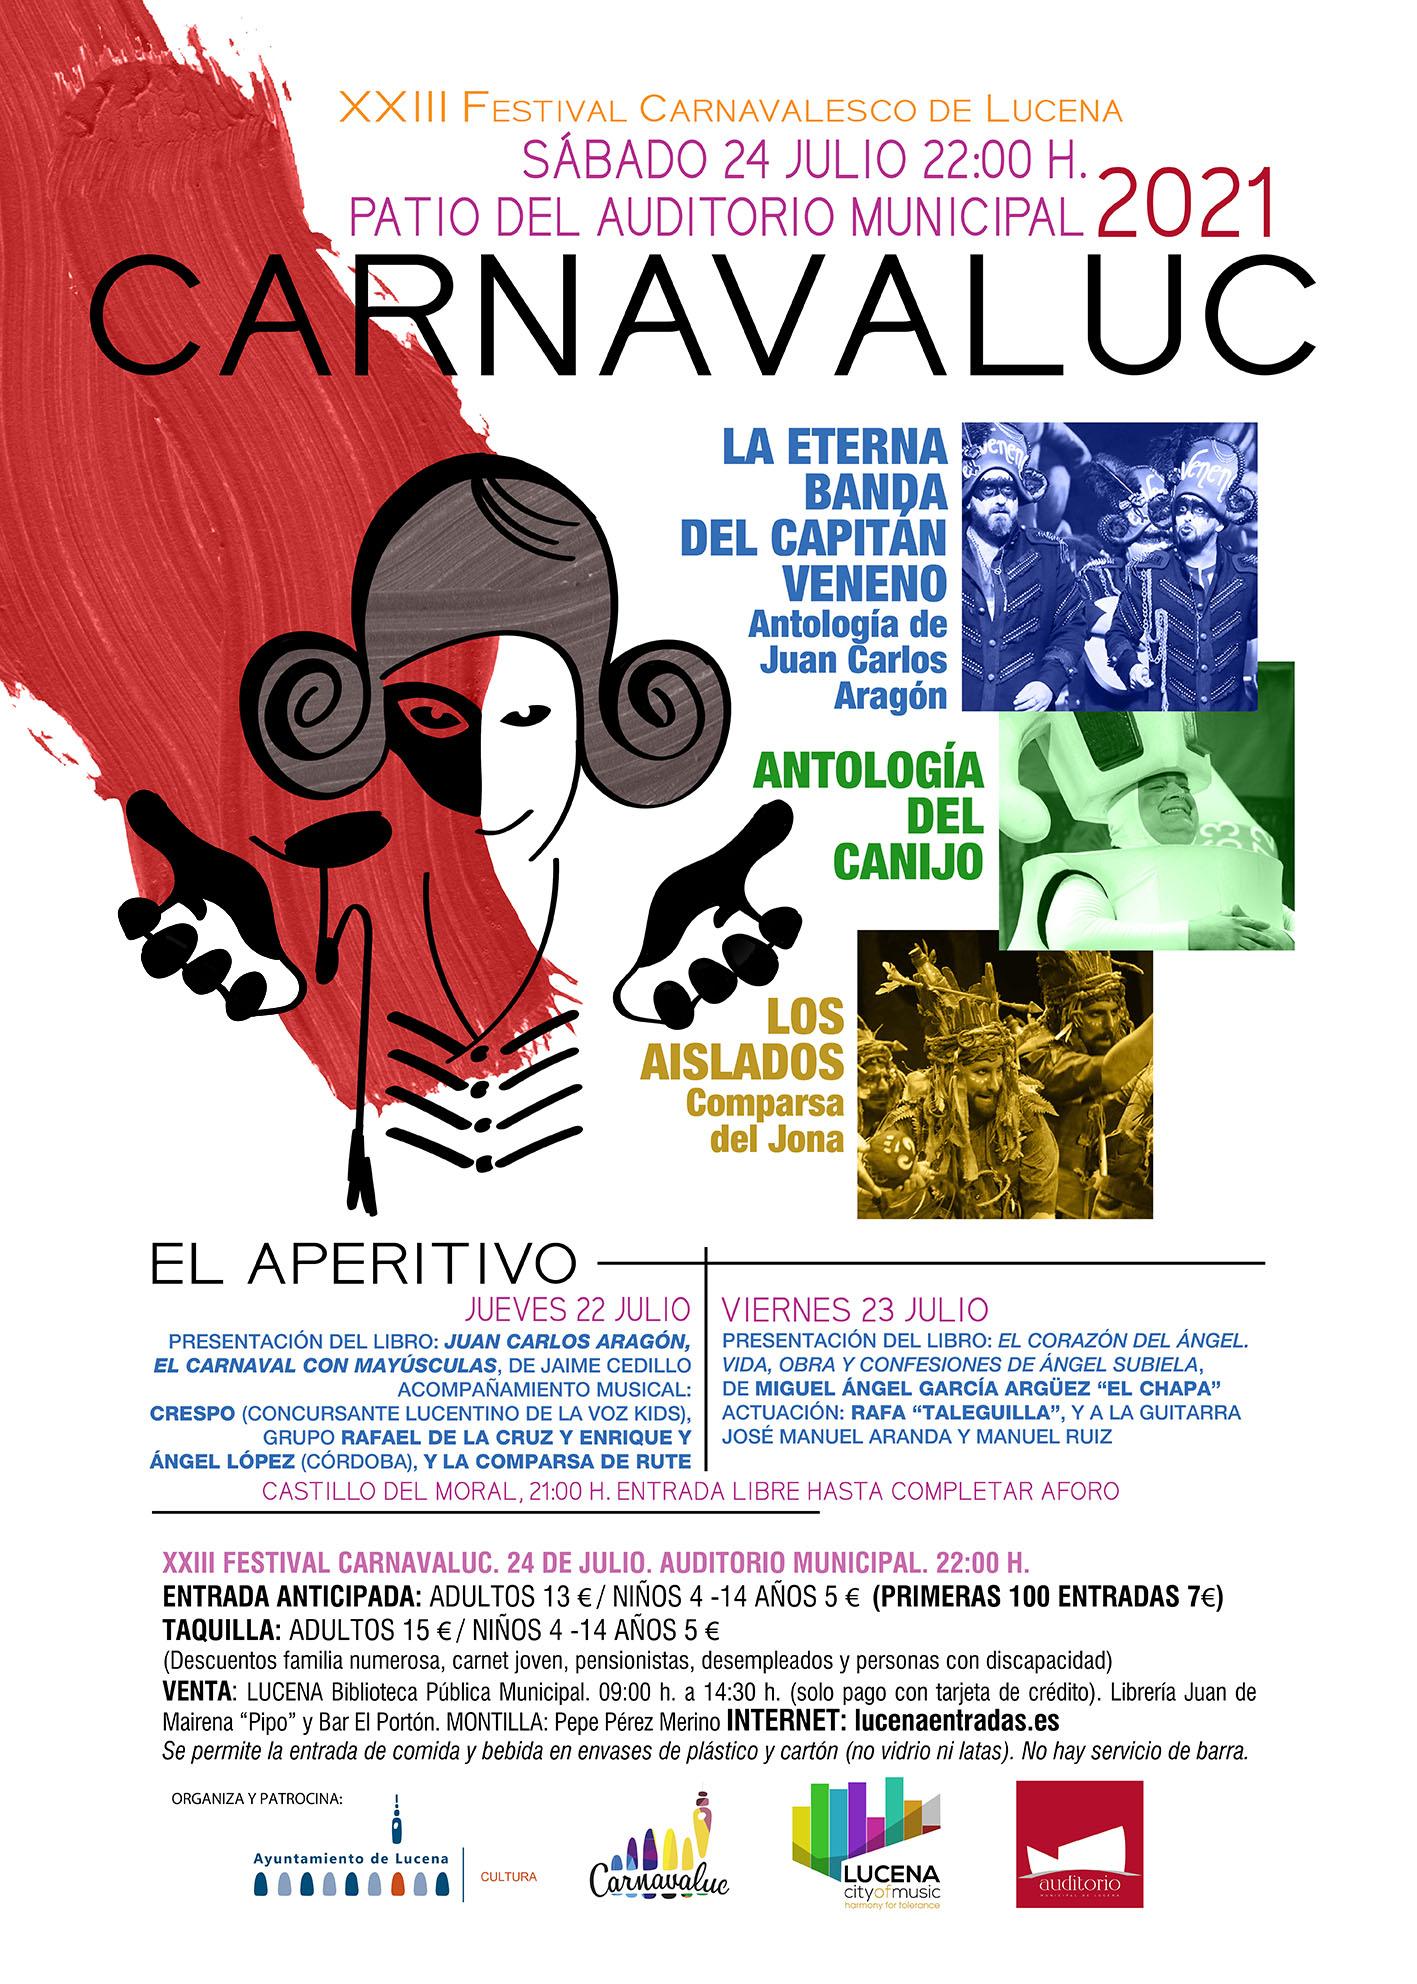 Carnavaluc 2021 - XXIII Festival Carnavalesco de Lucena @ Auditorio de Lucena (patio)